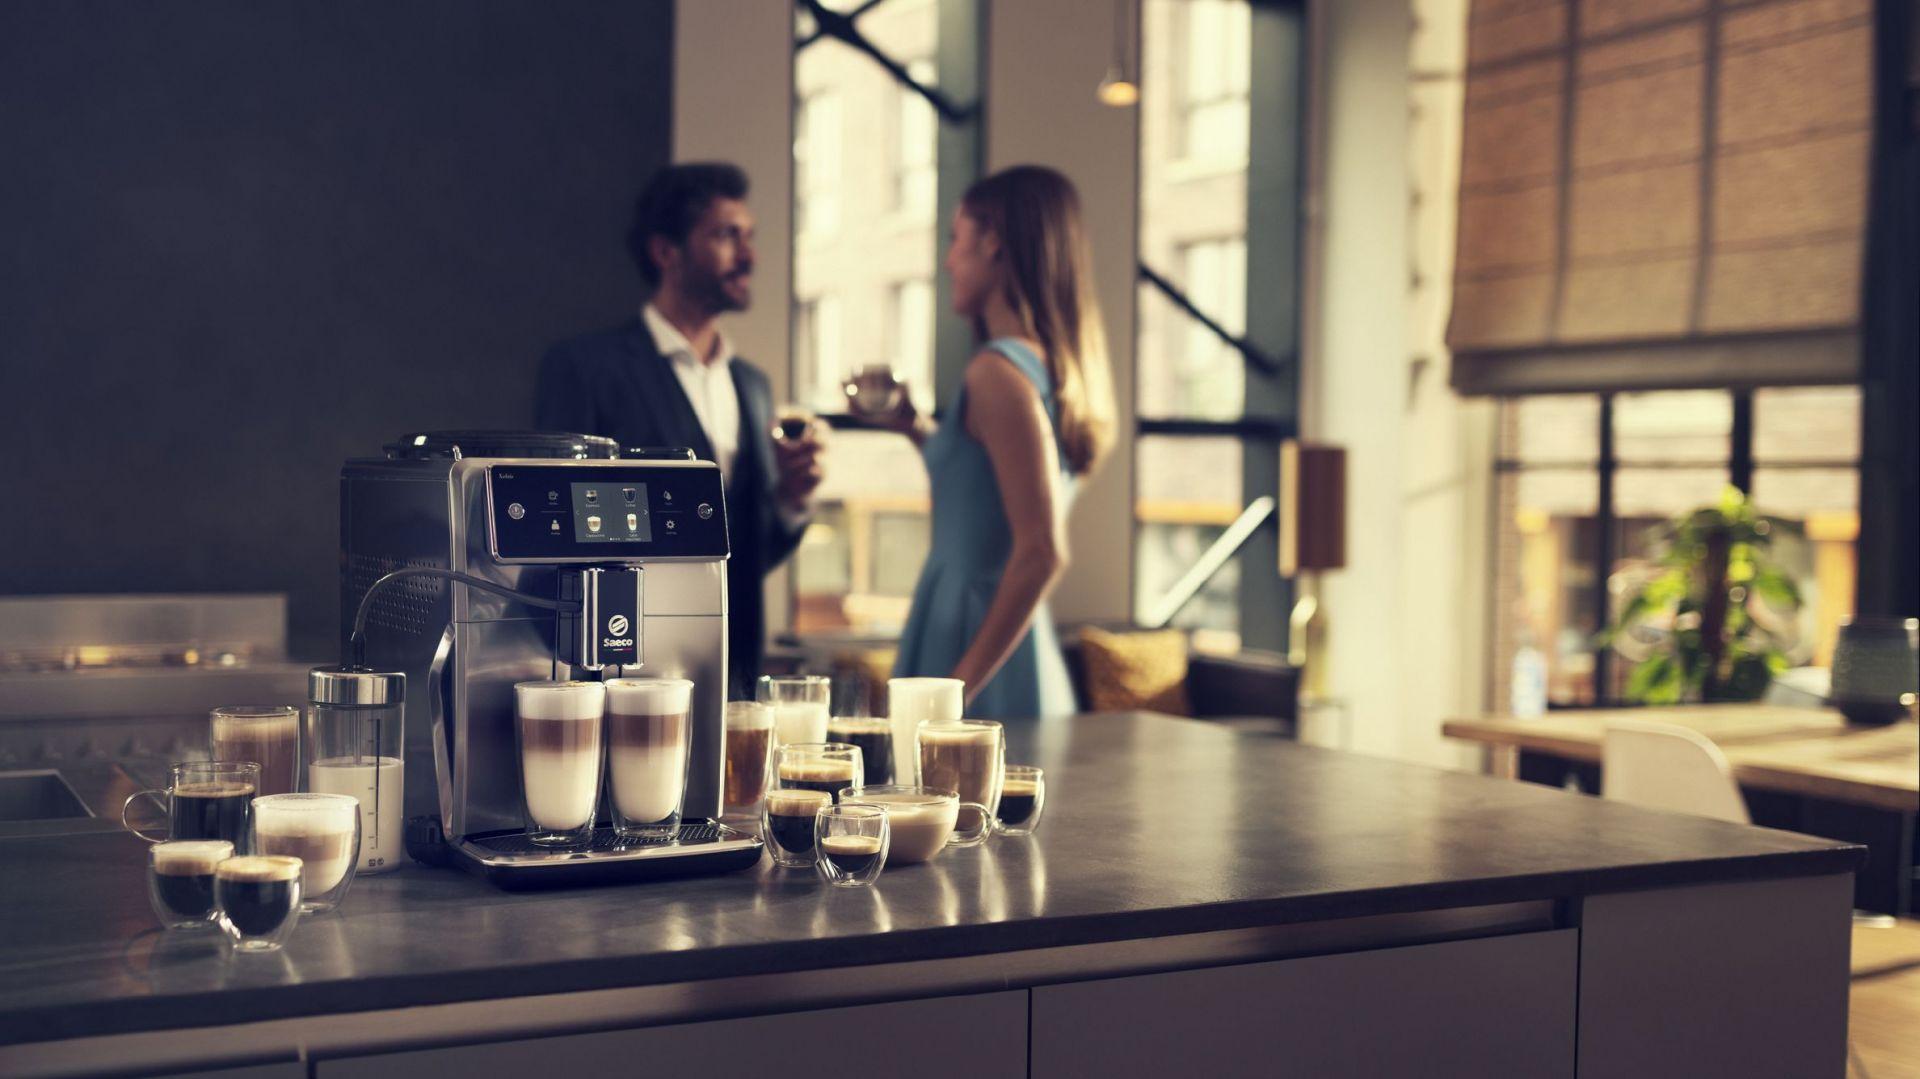 Nowoczesne ekspresy - idealne prezenty dla miłośników kawy. Fot. Philips